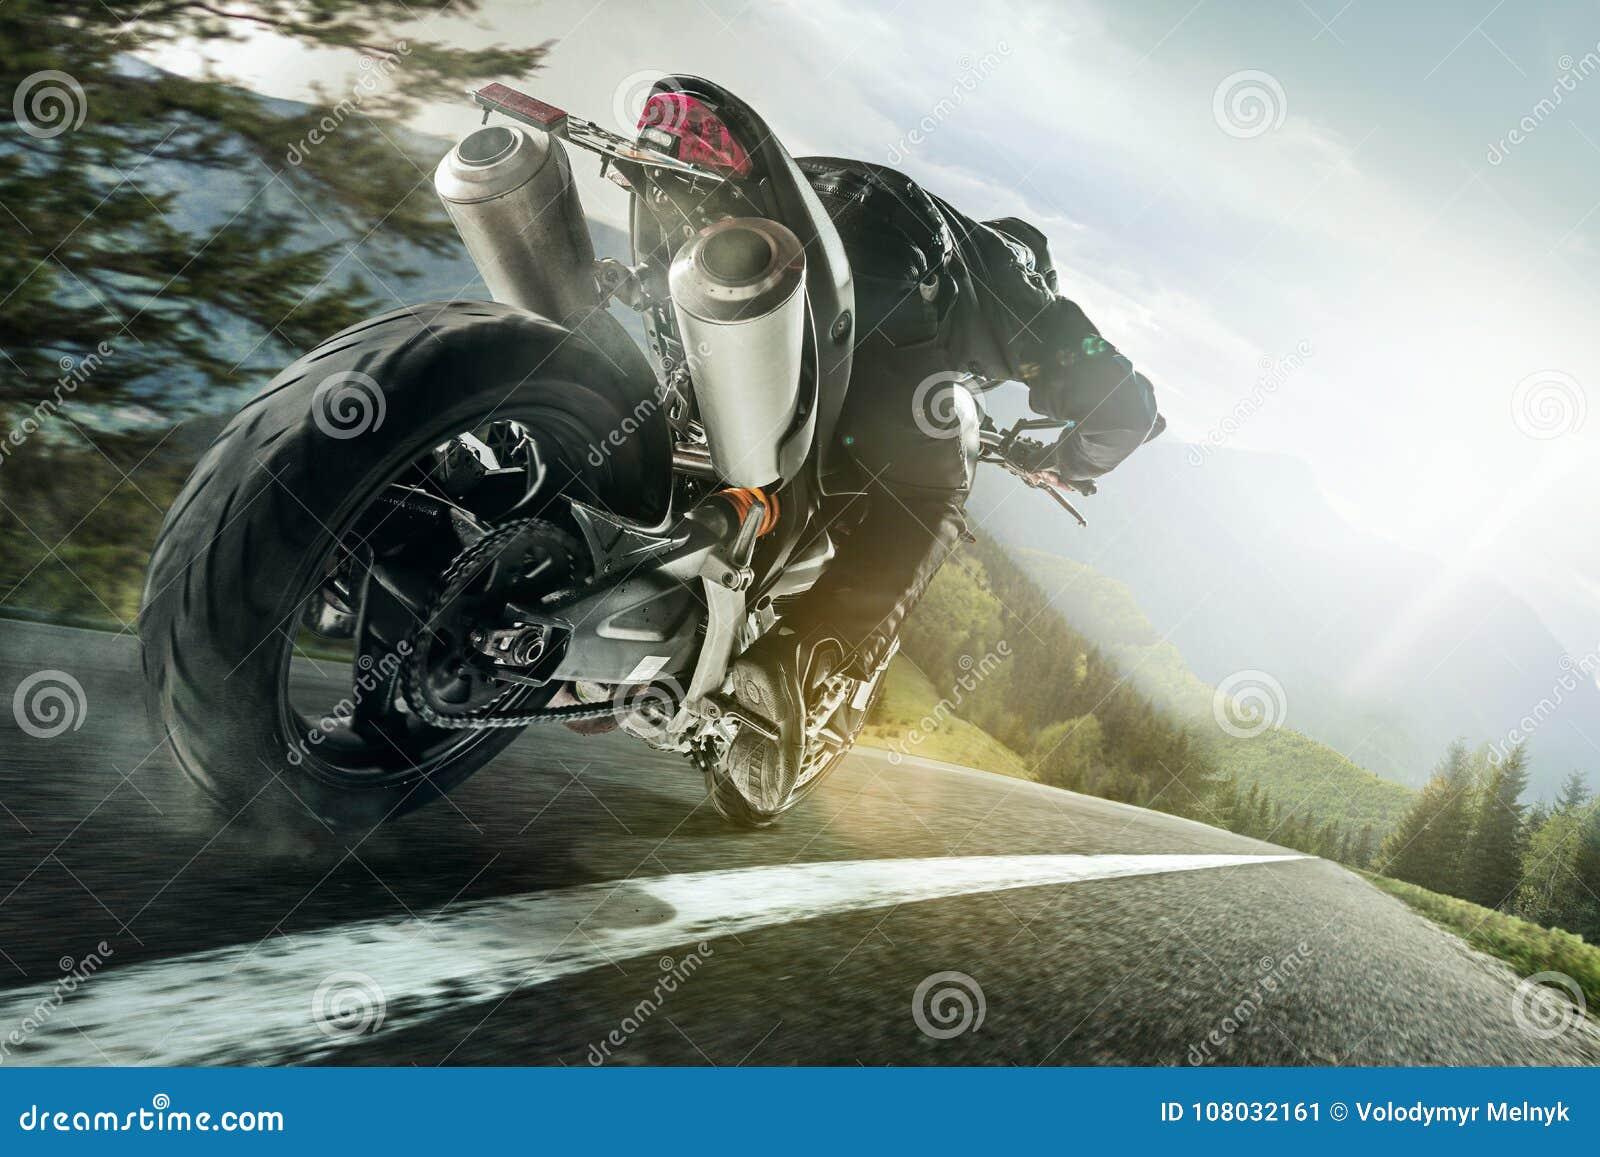 Meisterschaft des Motocrosses, Seitenansicht von den Sportlern, die Motorrad fahren